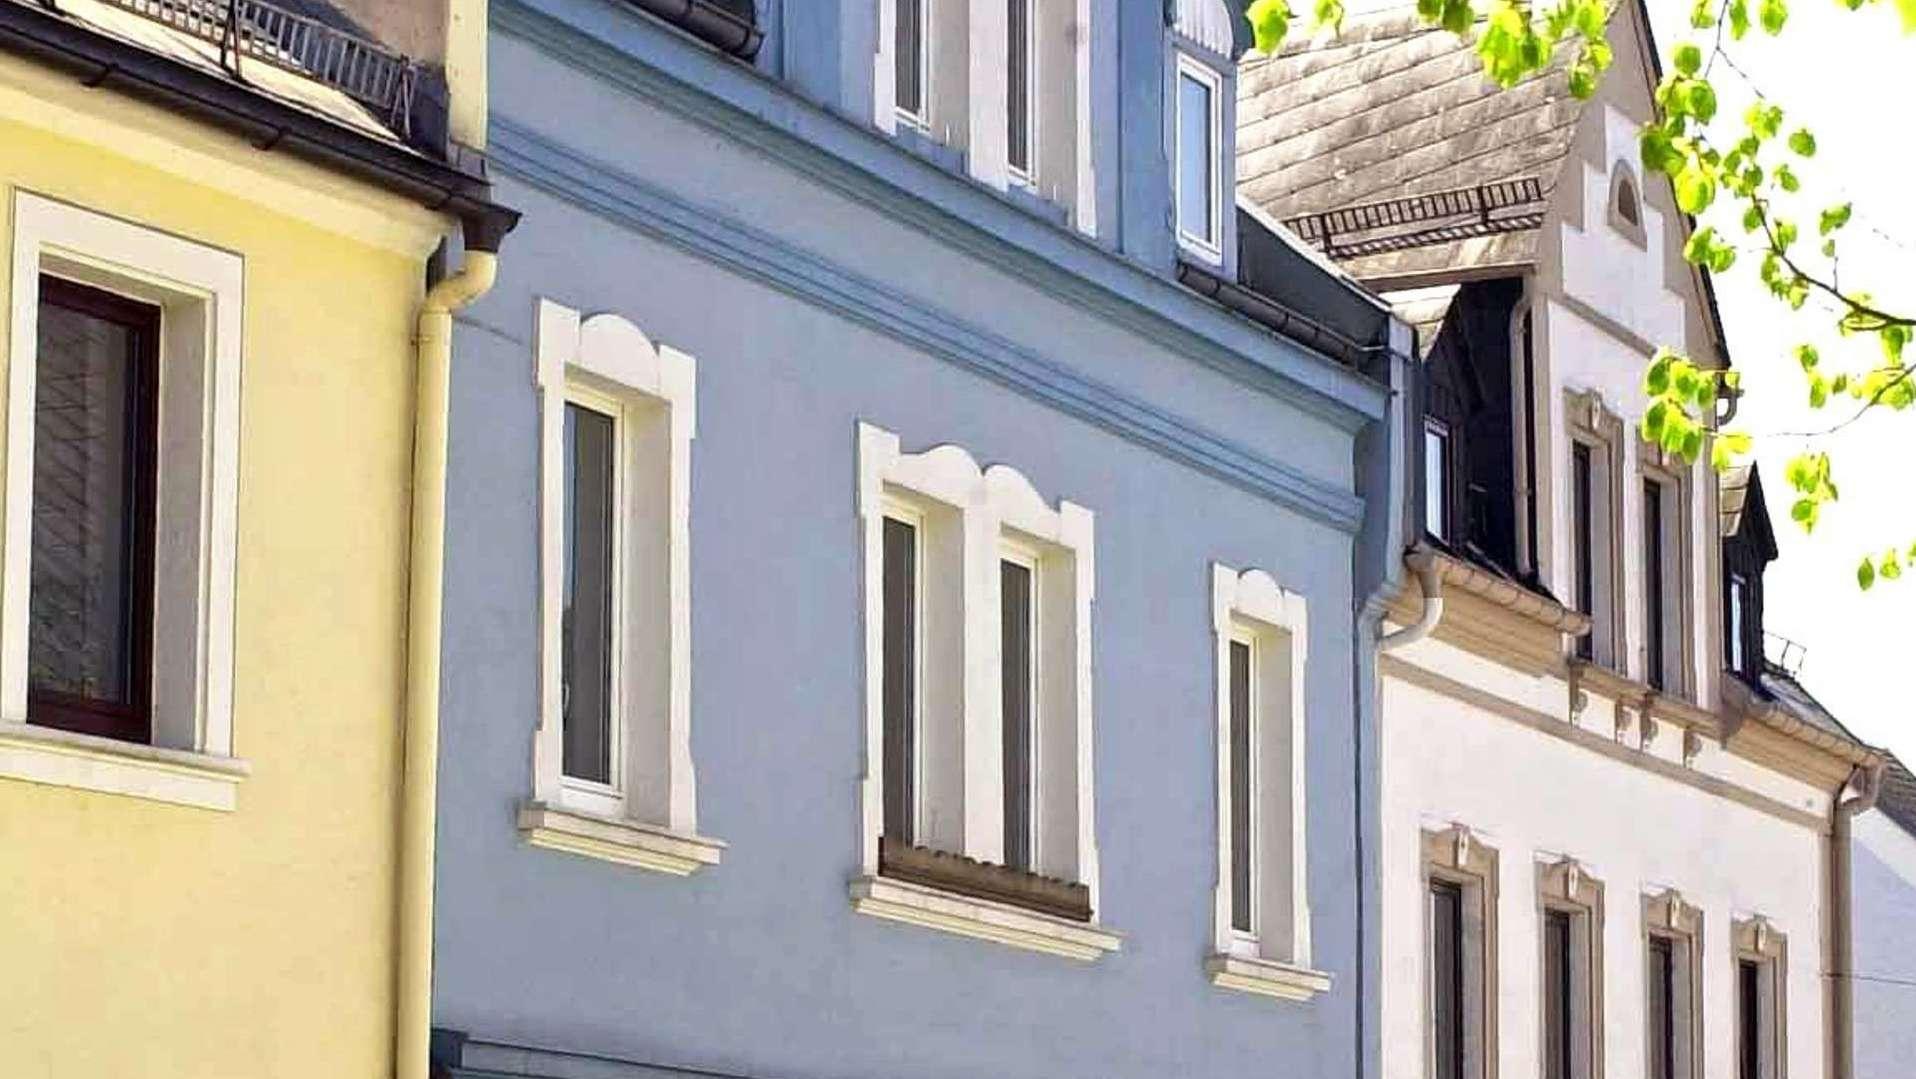 Eine Häuserzeile in Lichtenberg (Lkr. Hof). Eines der Häuser ist das frühere Elternhaus von Peggy Knobloch.